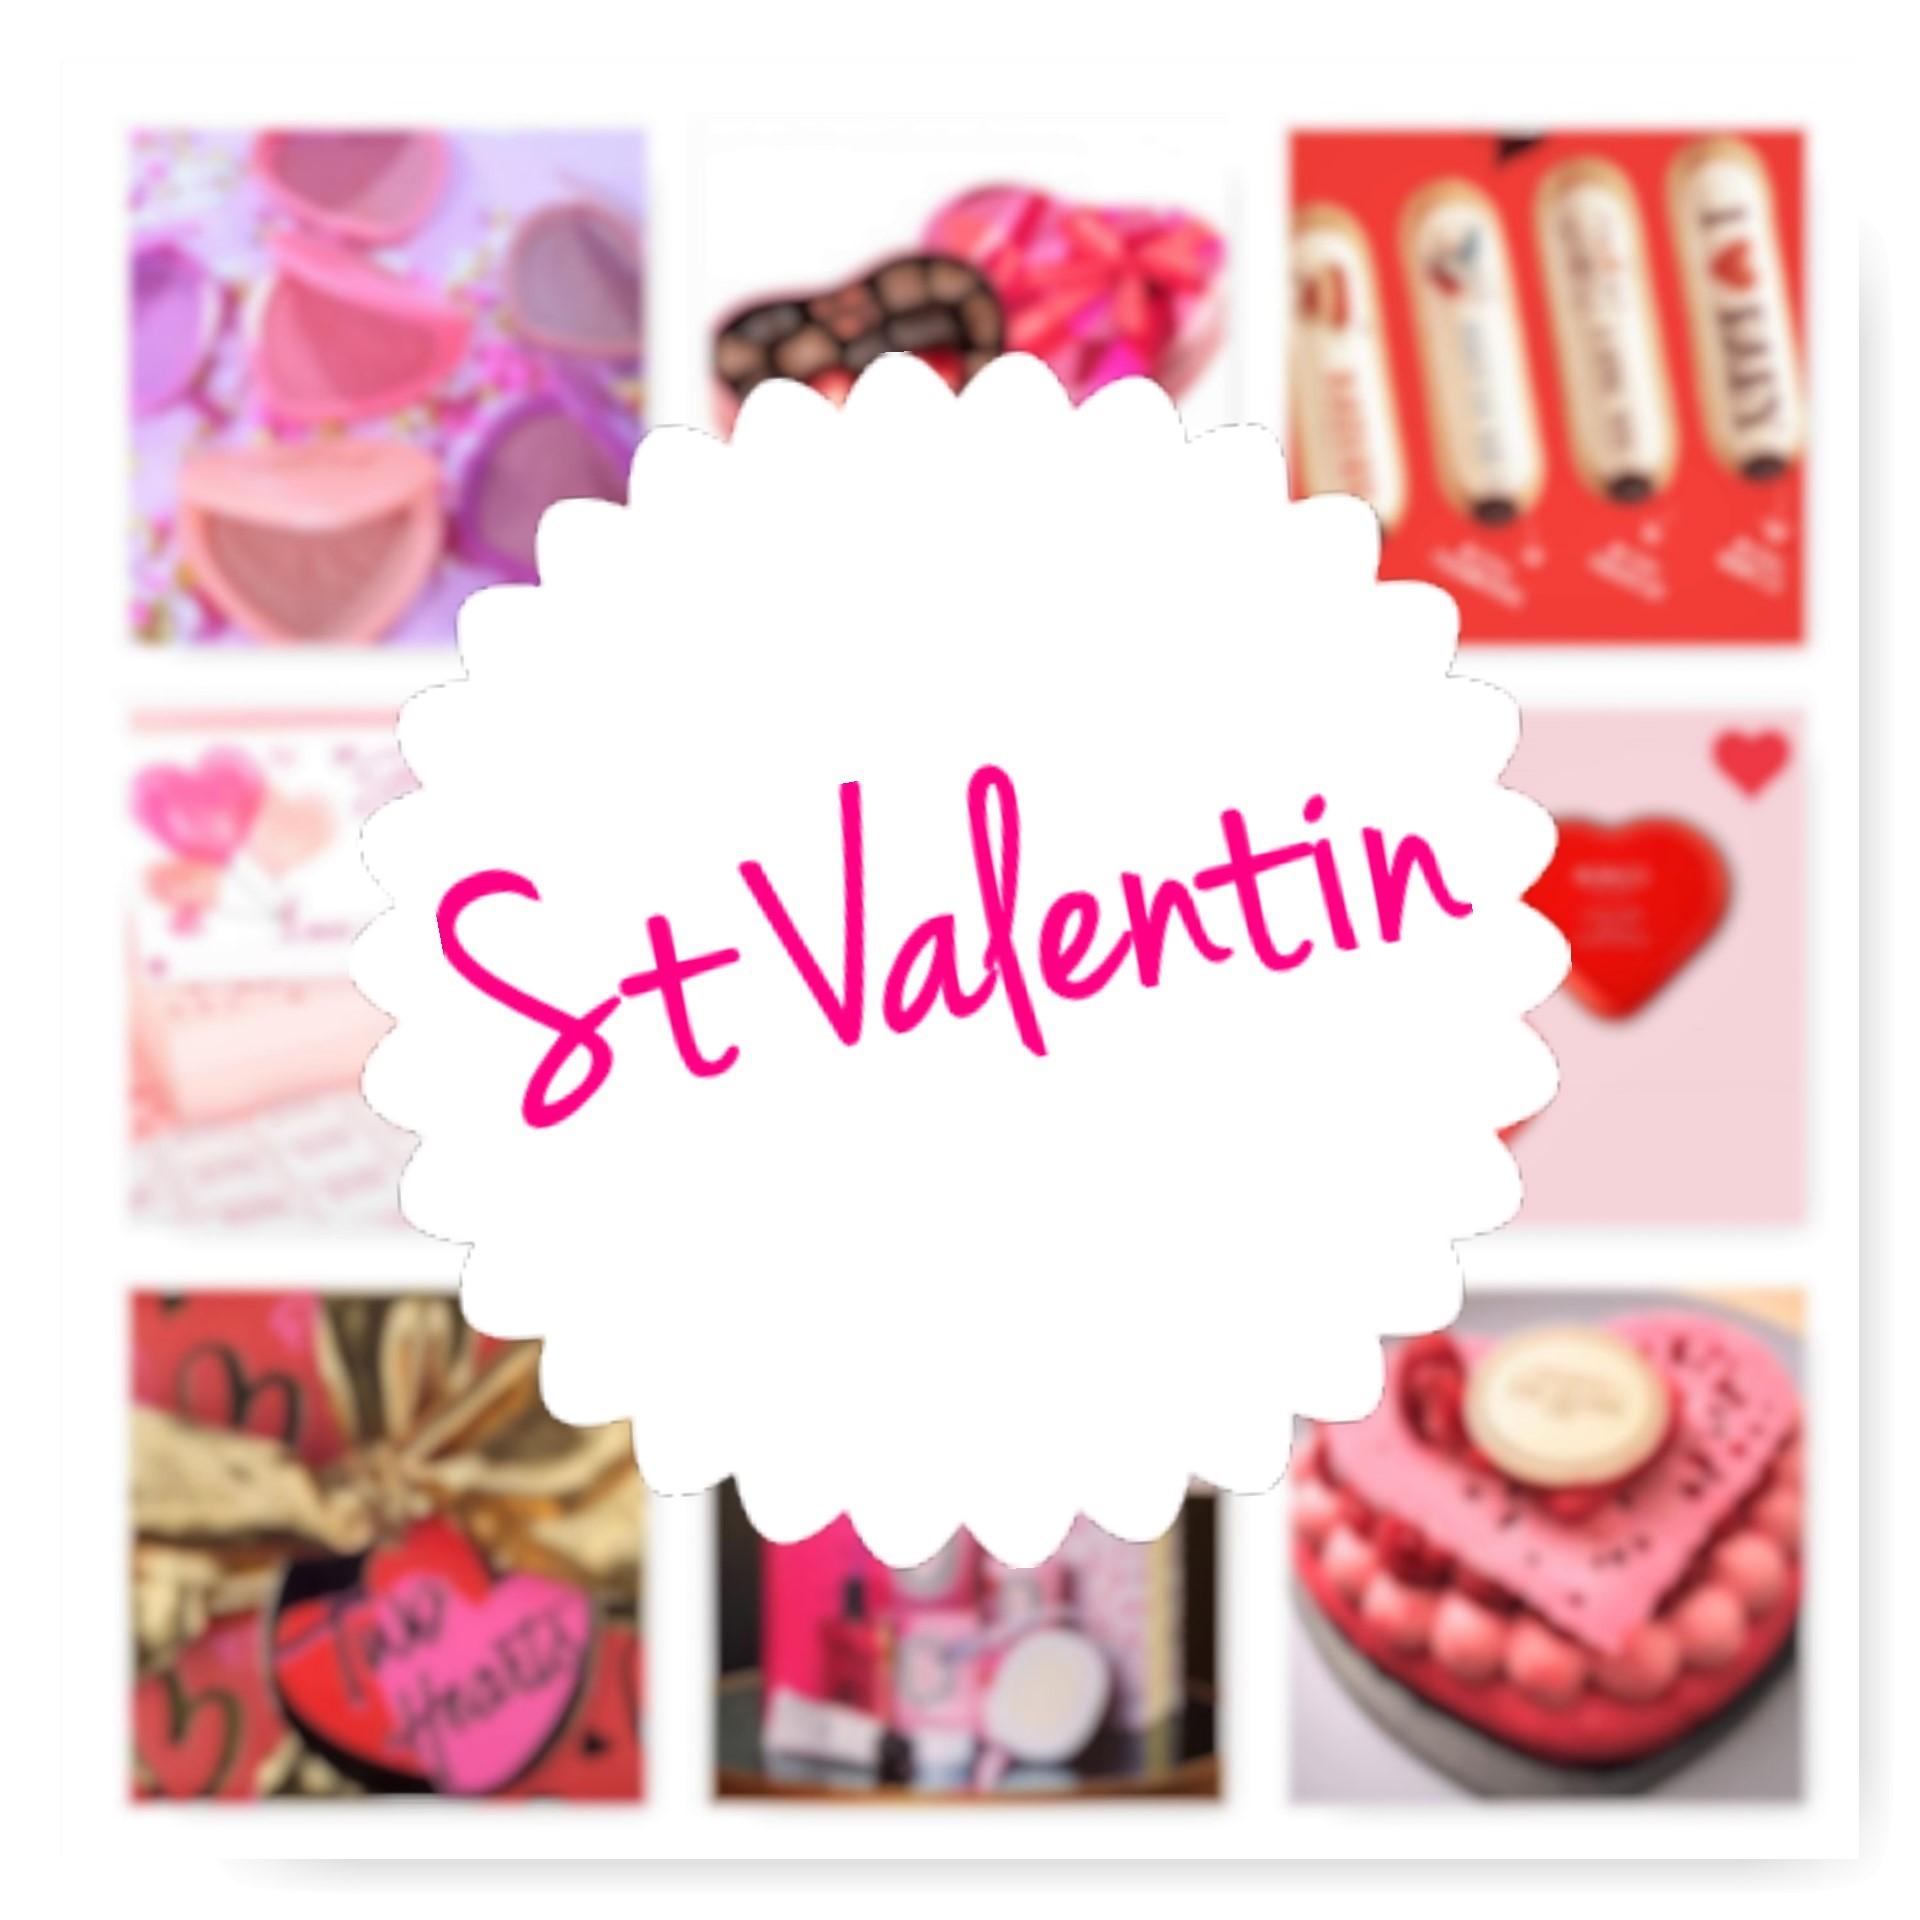 SAINT VALENTIN, cœurs roses et mignonneries en pagaille !